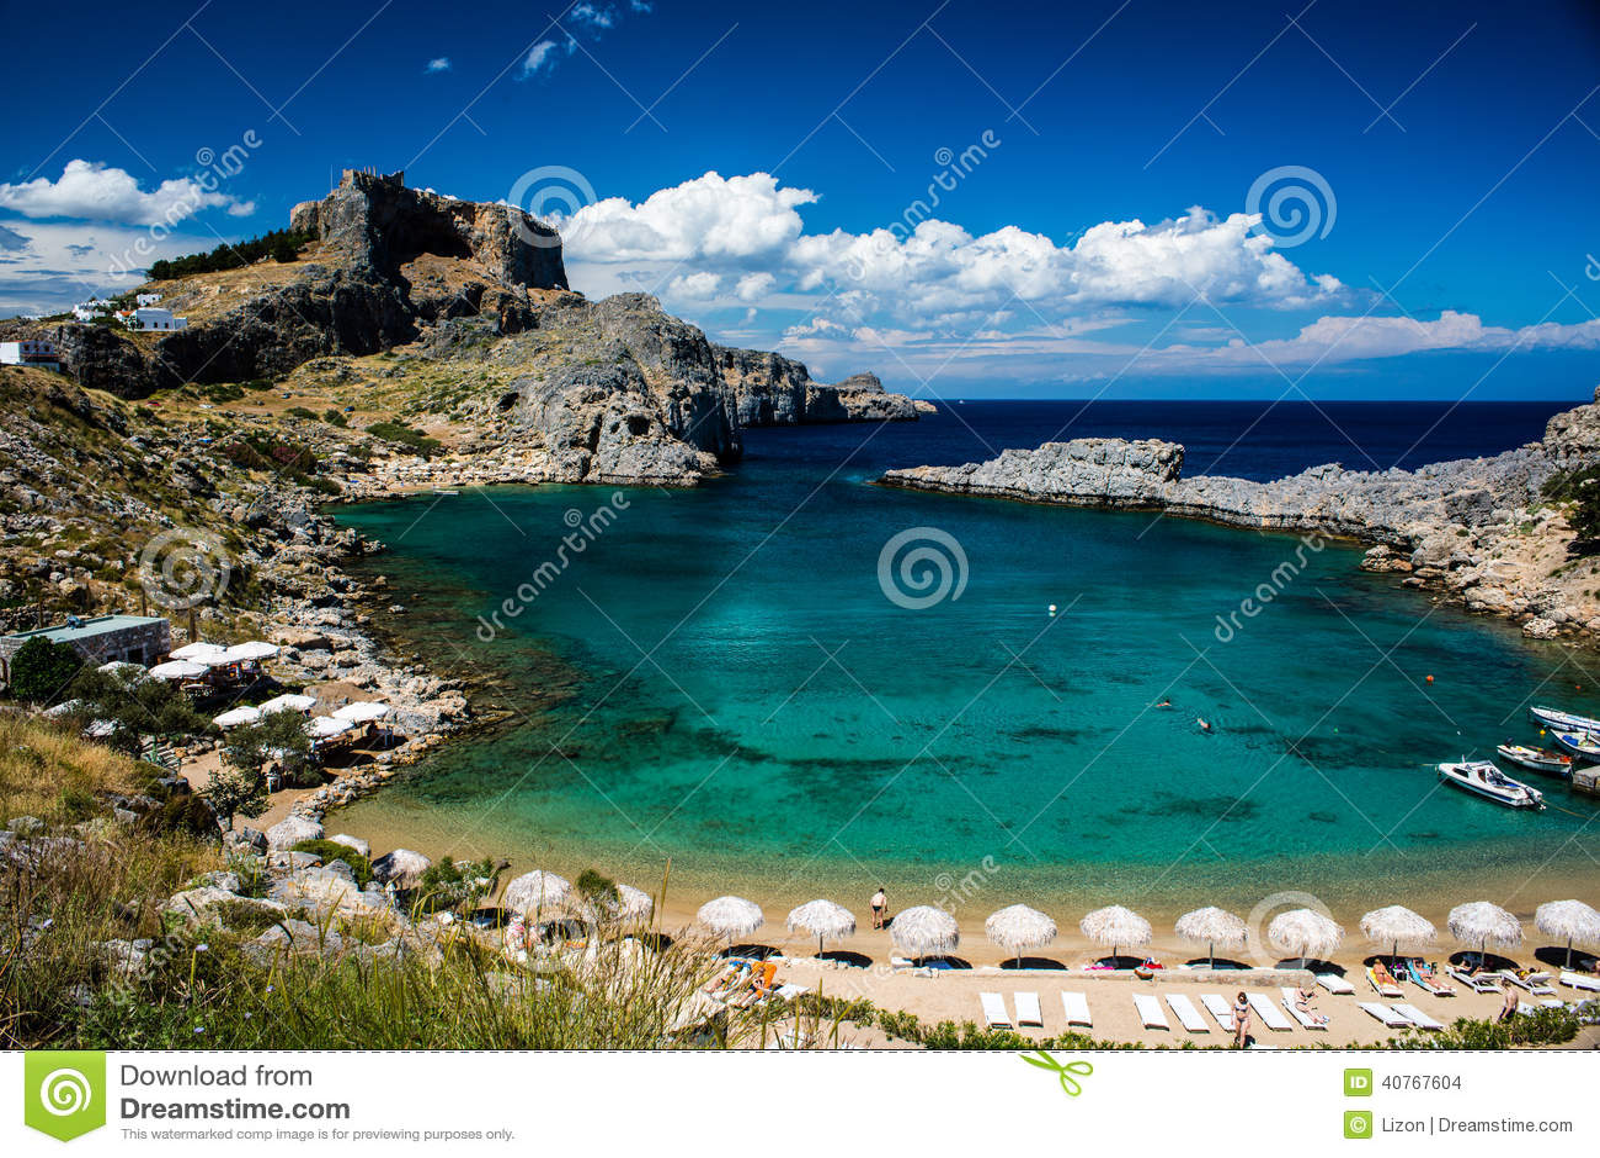 Blue Bay Beach Rhodes